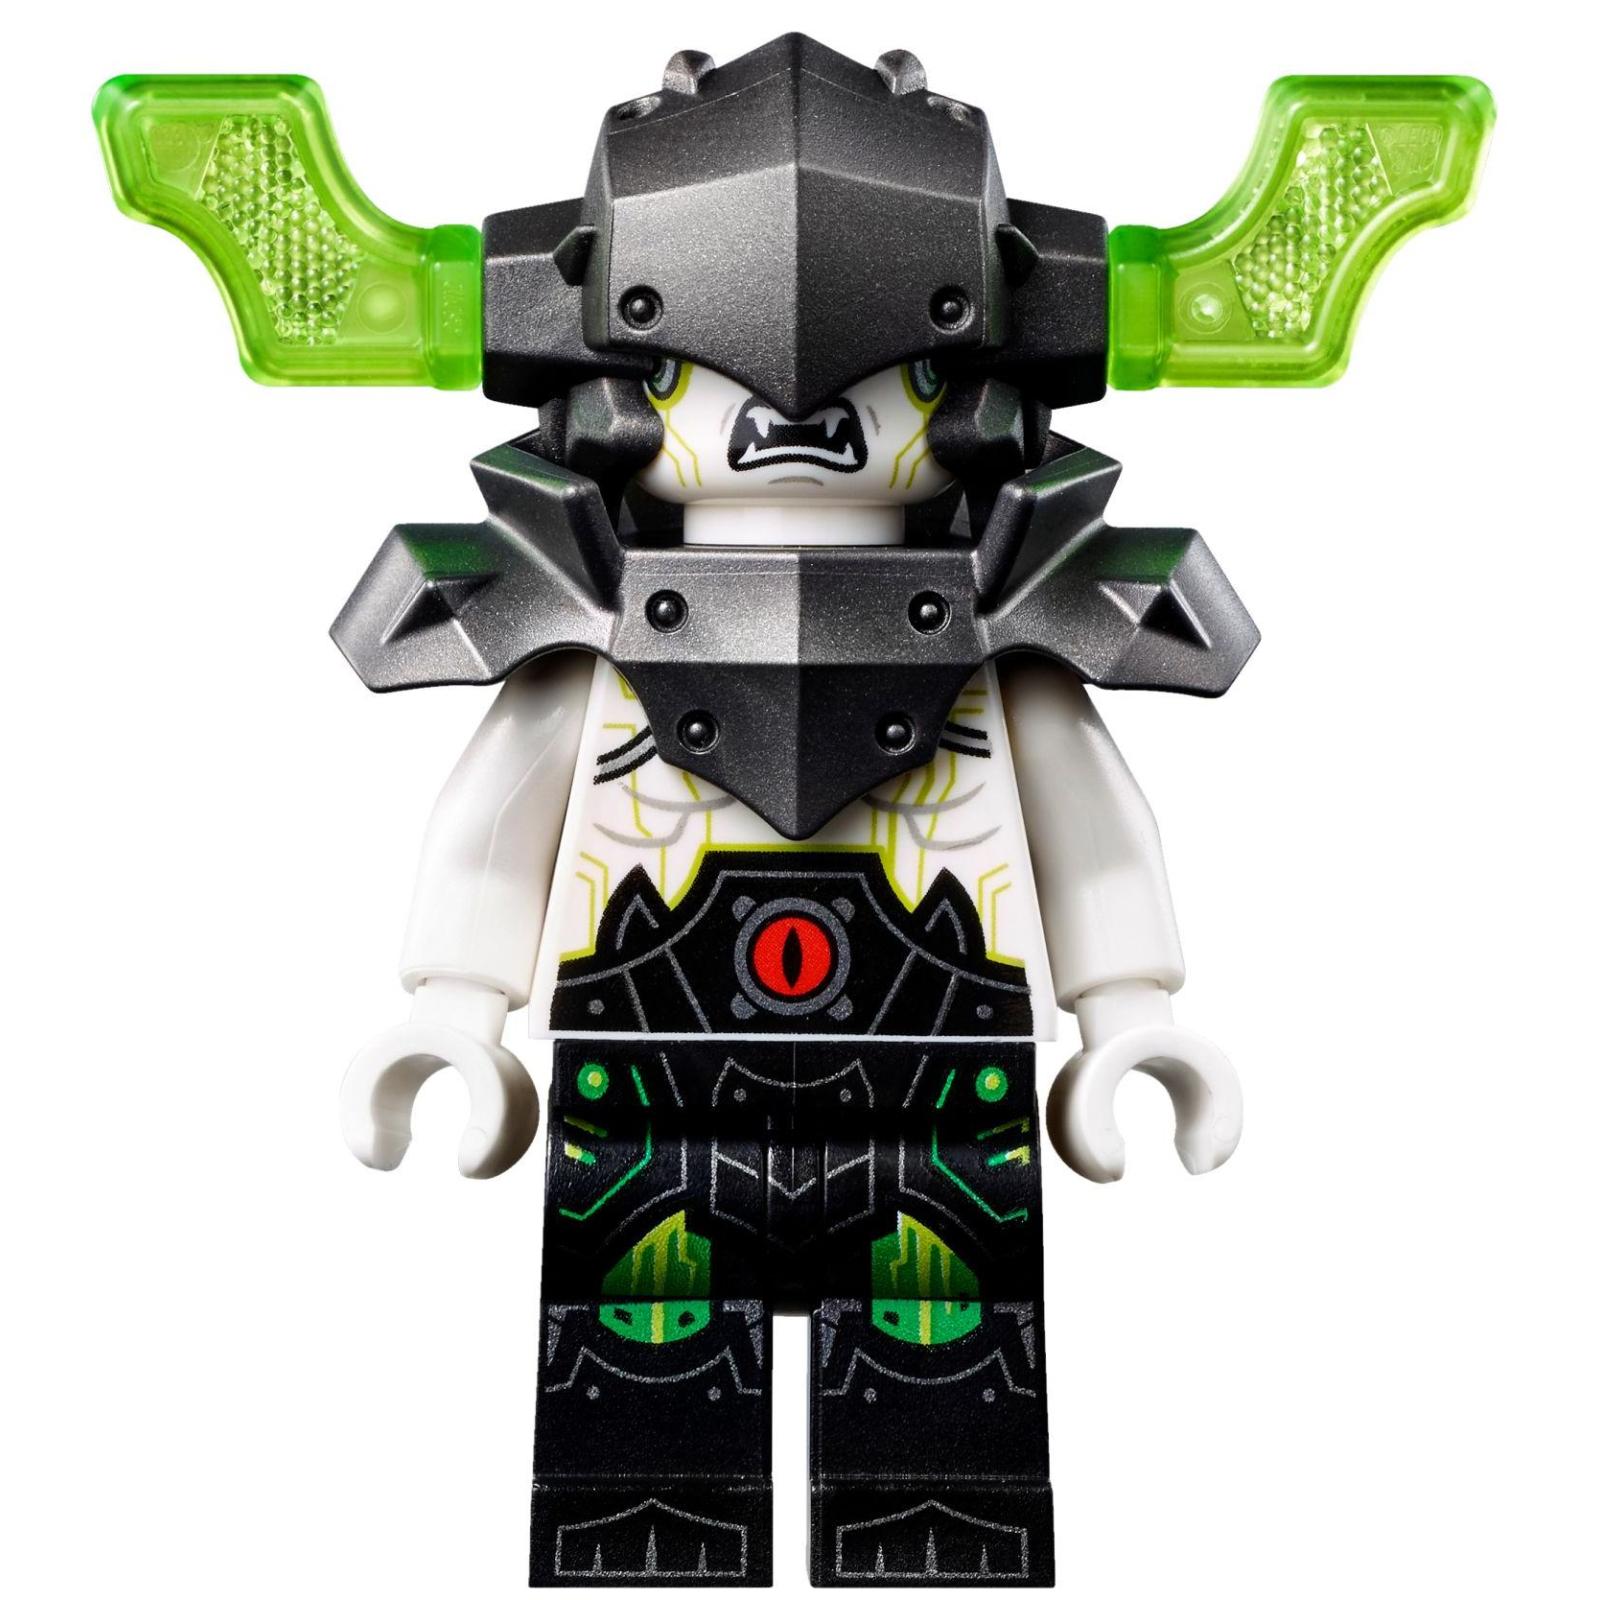 Конструктор LEGO Nexo Knights Бомбардировщик Берсеркер (72003) изображение 9